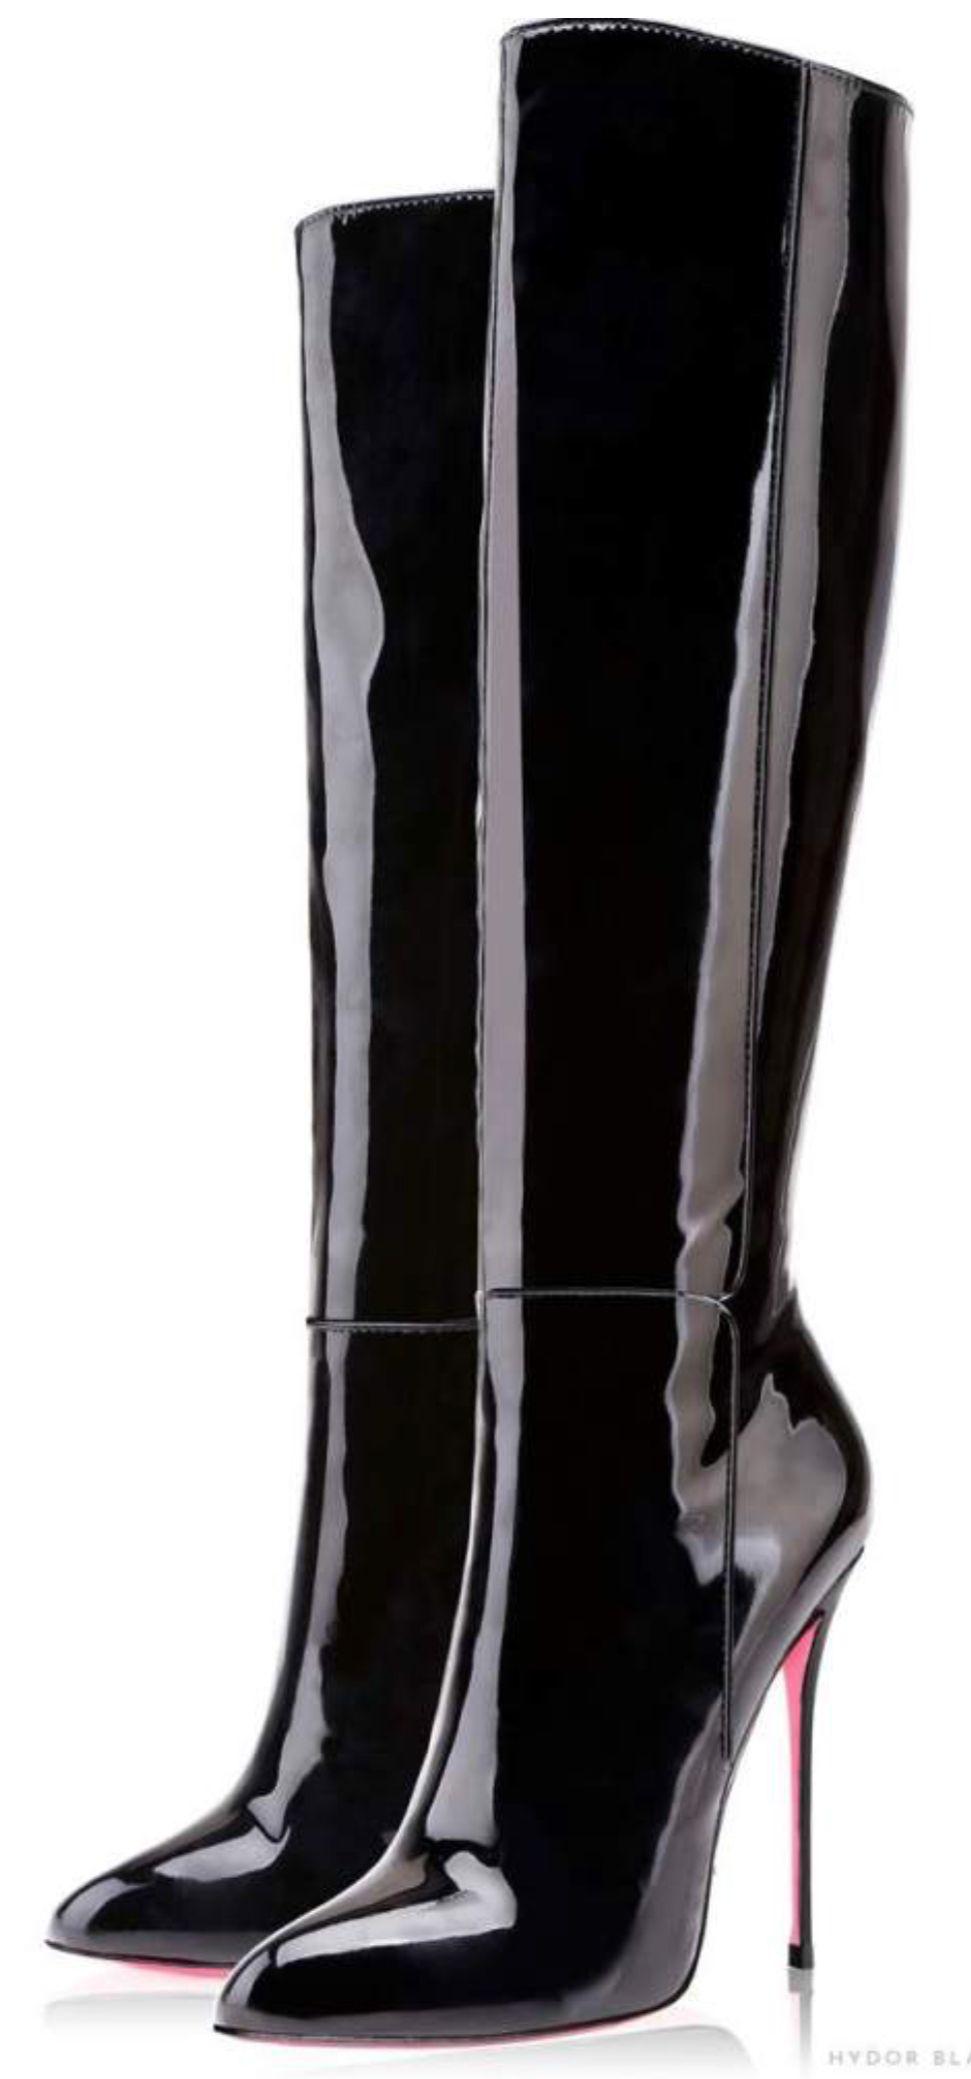 Pin von Mats auf Boots black | Stiefel, Hochhackige stiefel